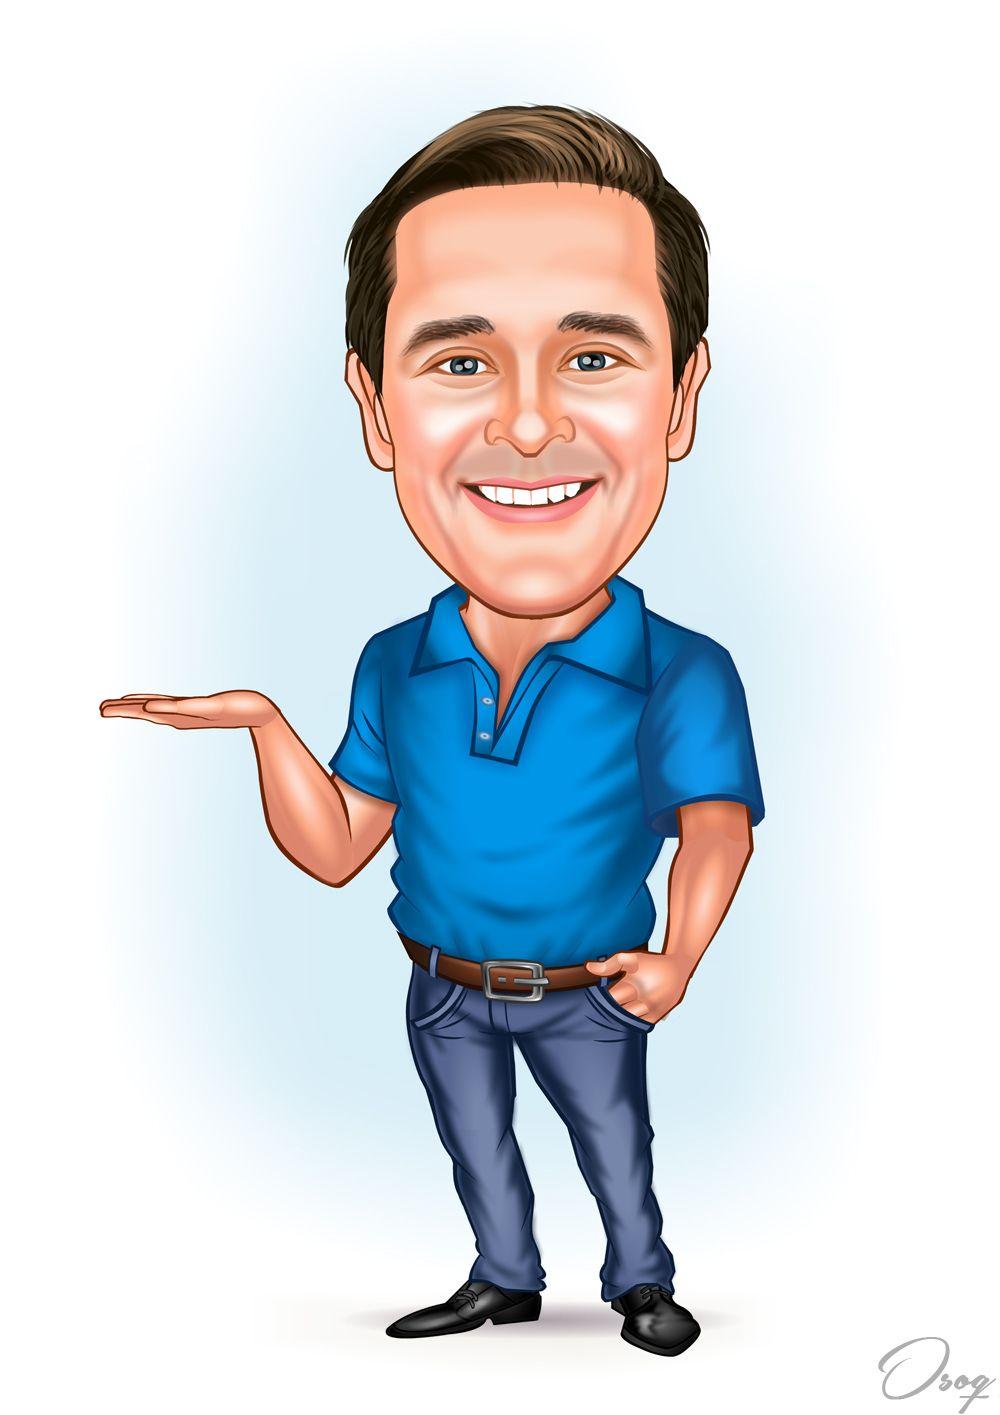 Man Caricature Portrait | -CARICATURE BY OSOQ ART | Pinterest ...